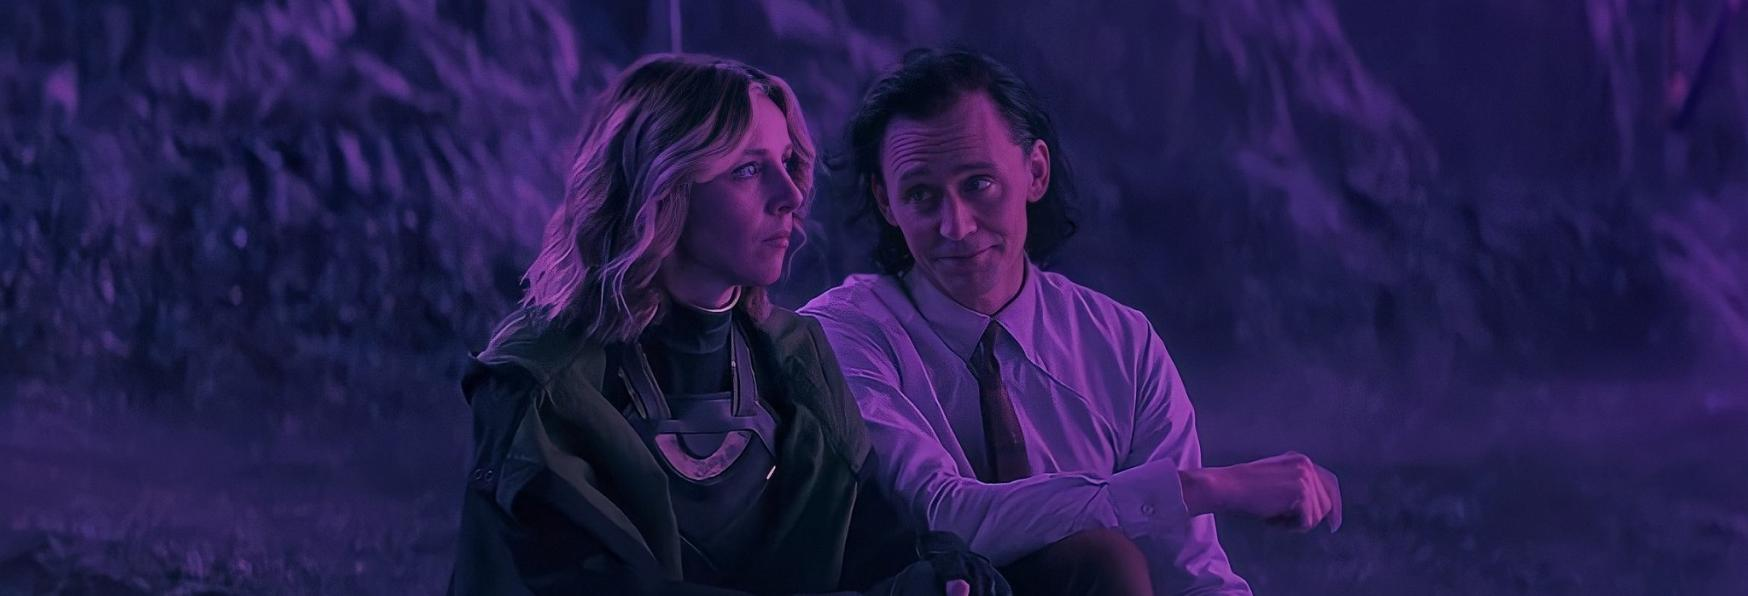 Loki 1x04: la Regista e lo Sceneggiatore della Serie TV danno una Spiegazione a quell'inaspettata Cotta